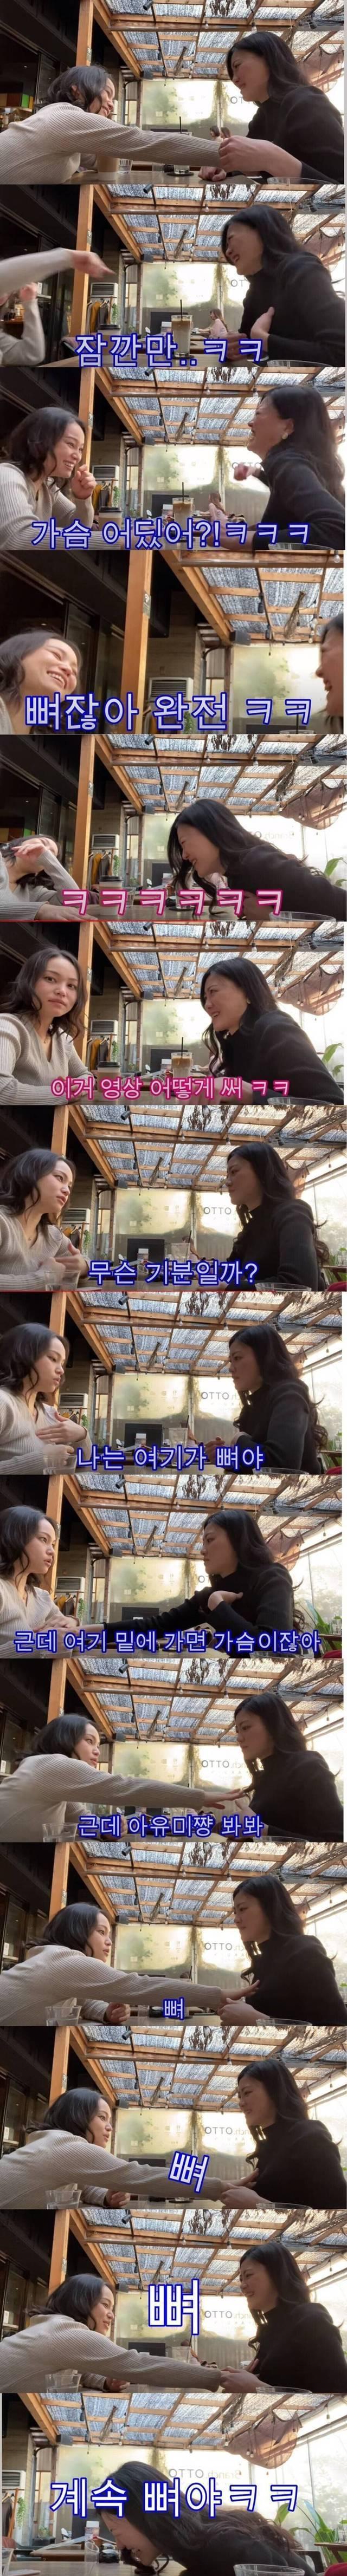 일본 자매의 가슴 대화.JPG | 인스티즈